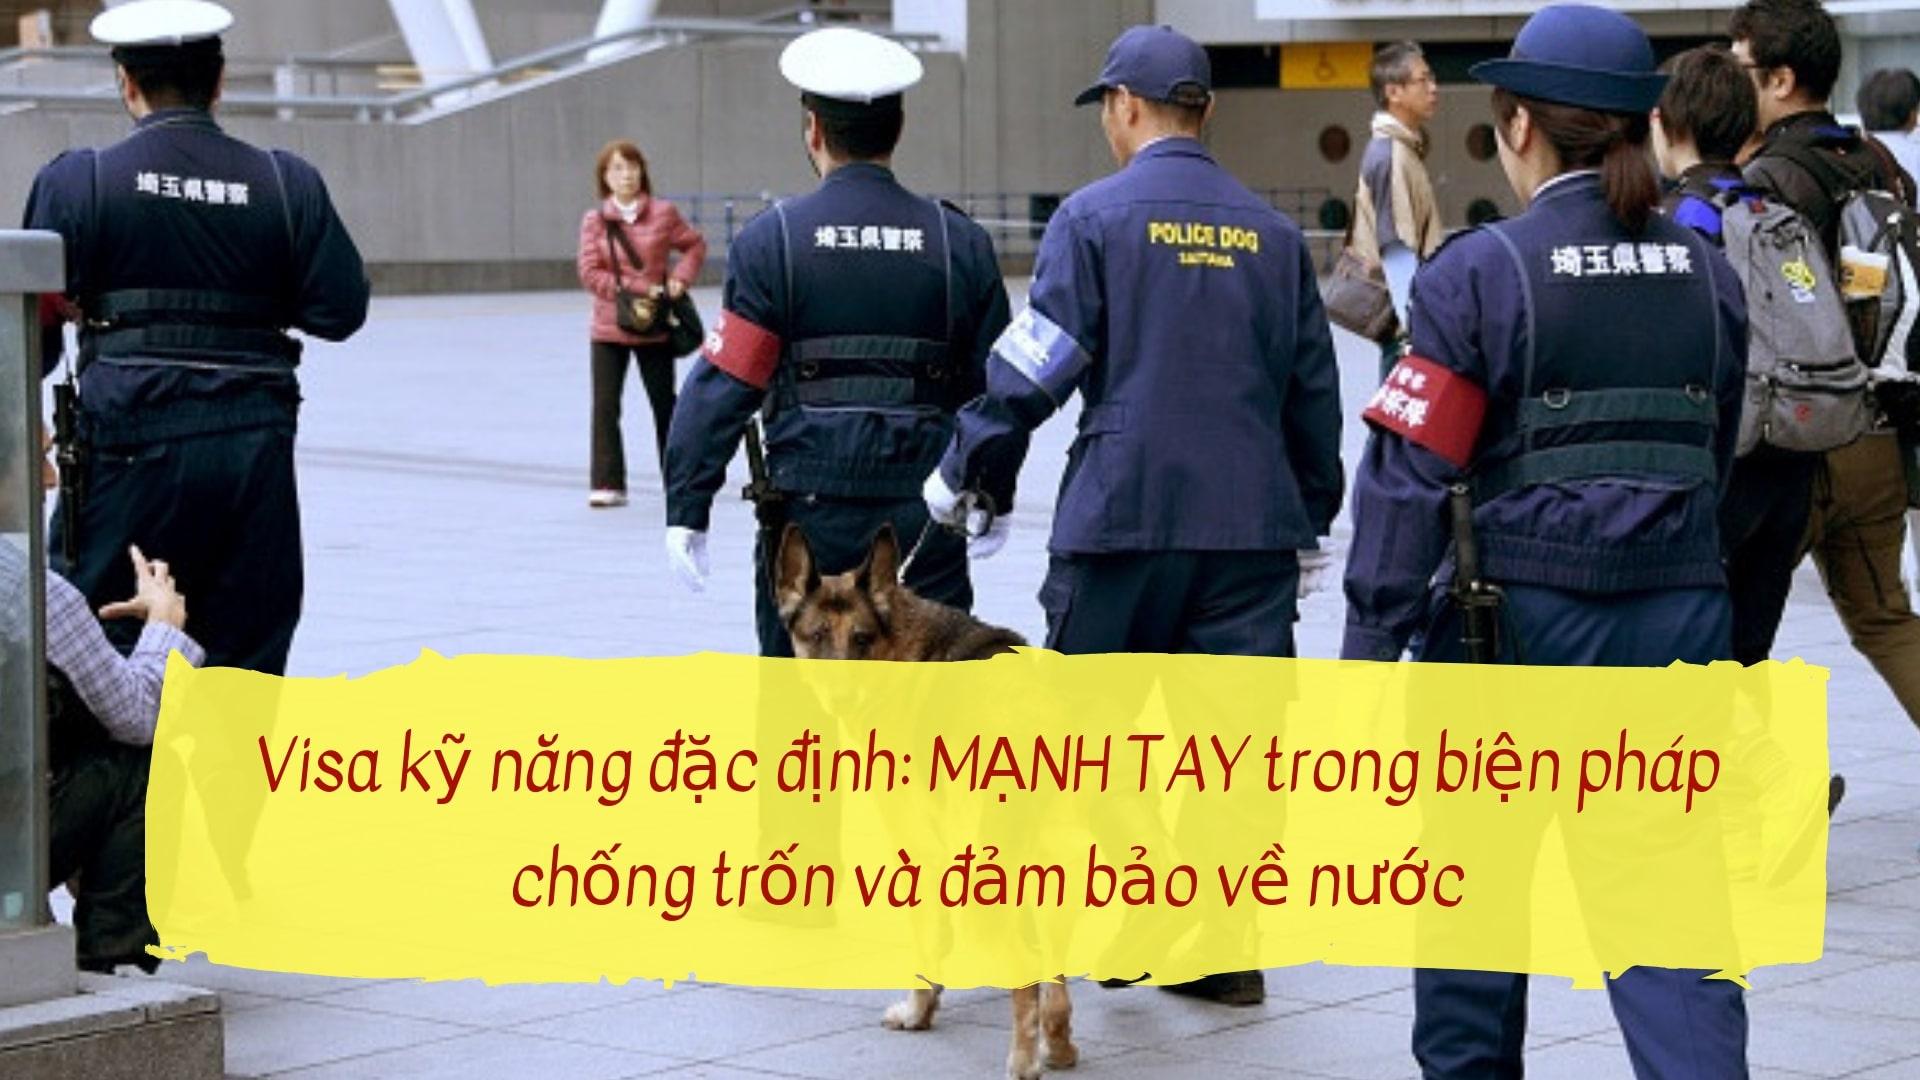 [TIN VUI] TTS Việt Nam sẽ là đối tượng ĐẦU TIÊN được áp dụng chính sách VISA MỚI từ ngày 01/01/2020